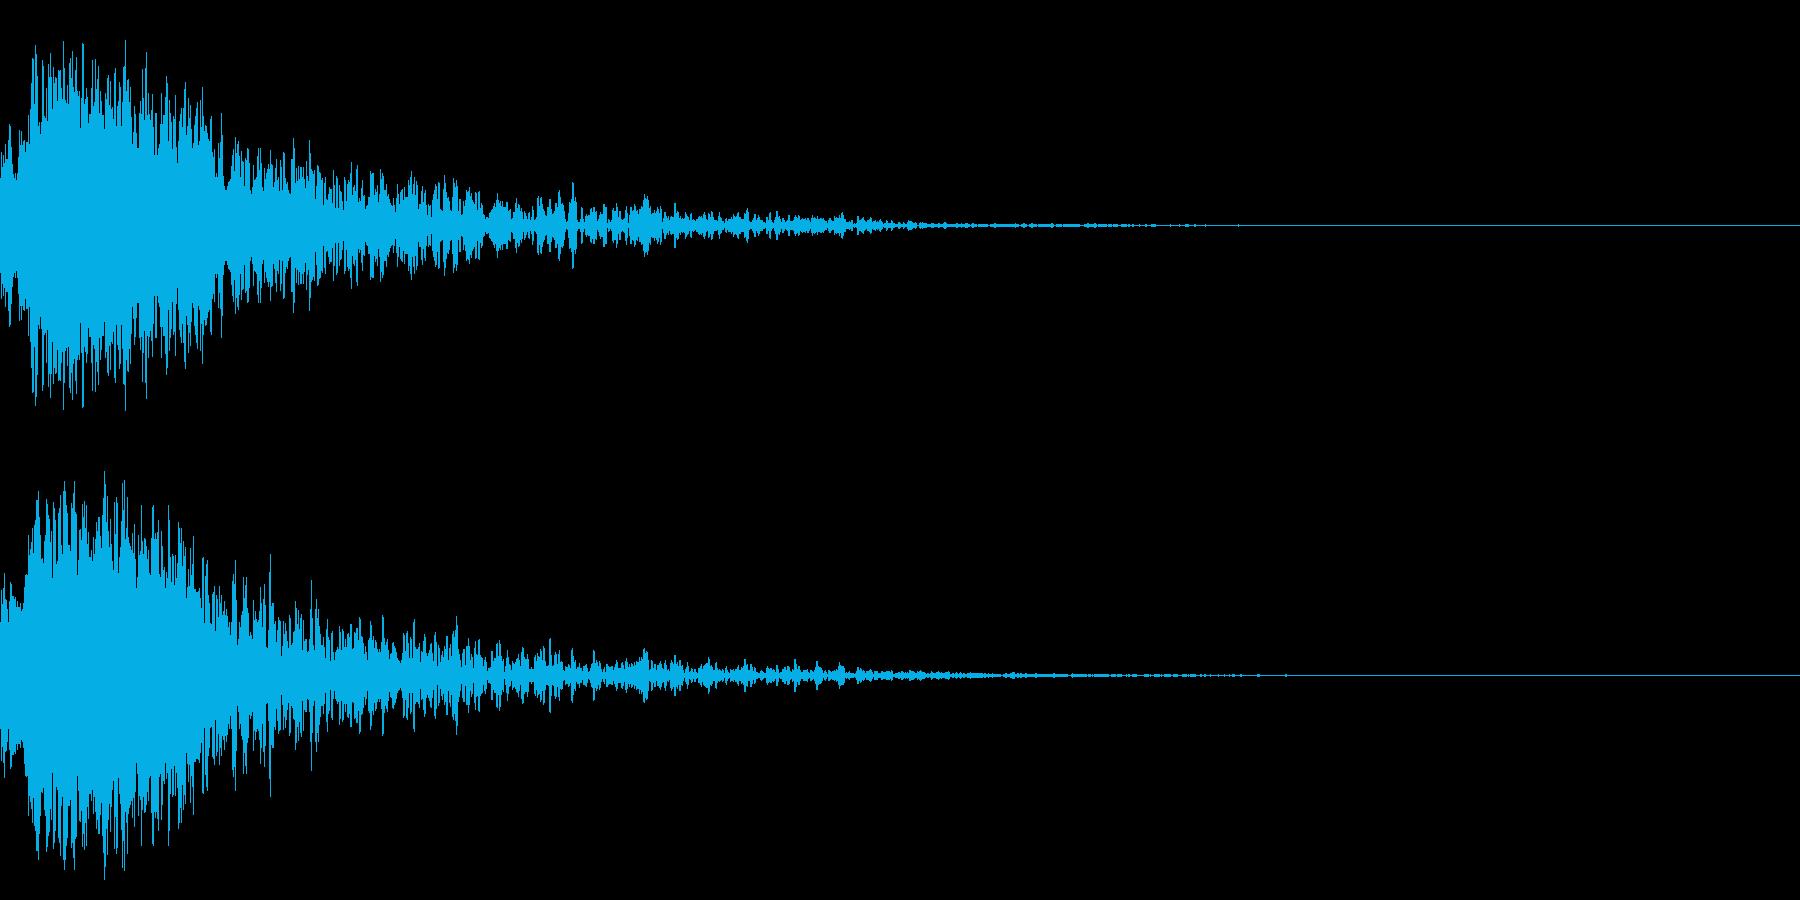 効果音 和風キラーン 2の再生済みの波形